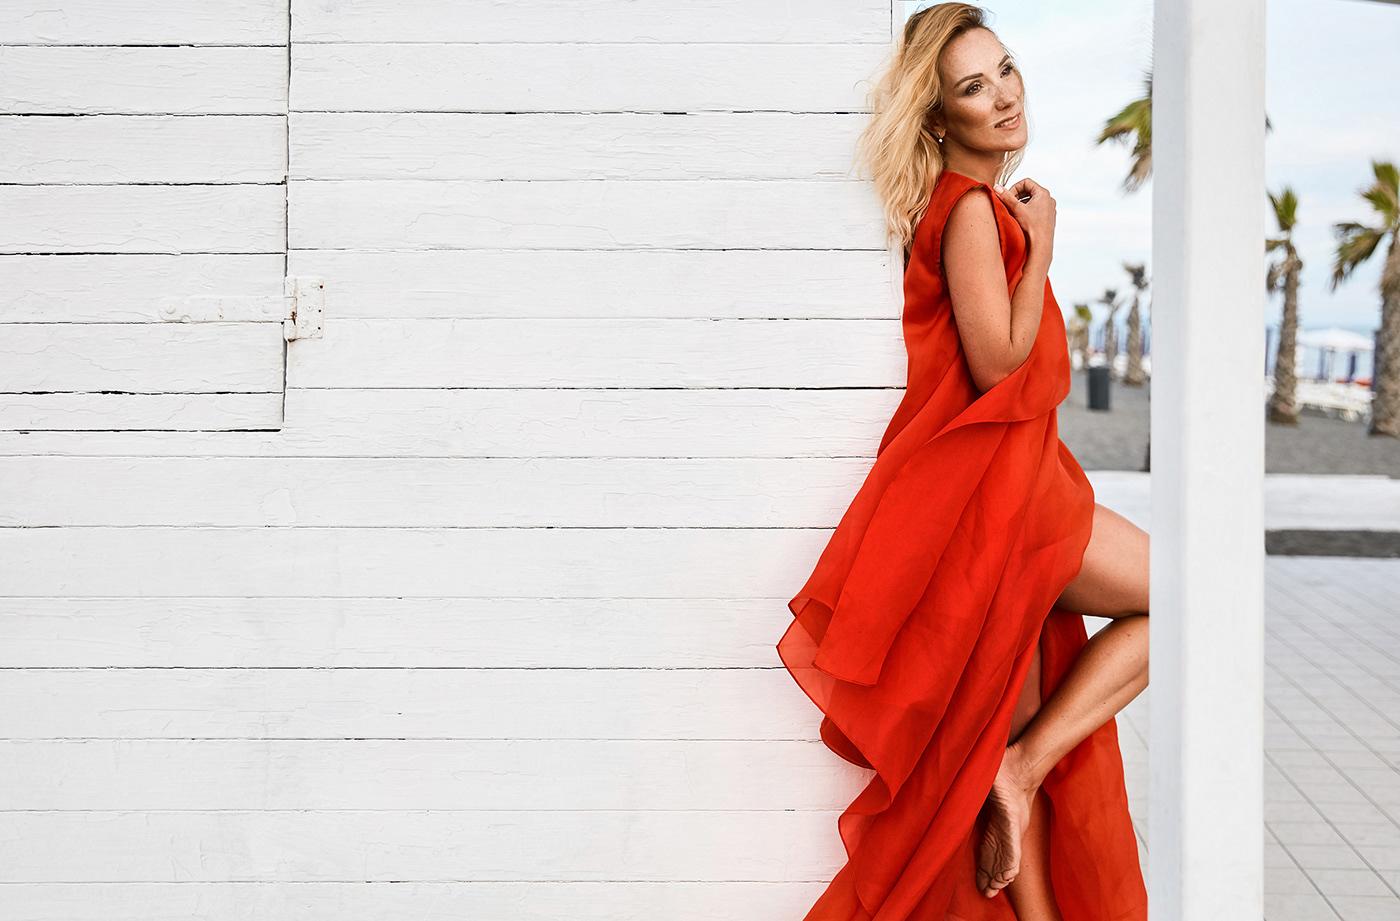 Красное платье / фото Ярослав Мончак